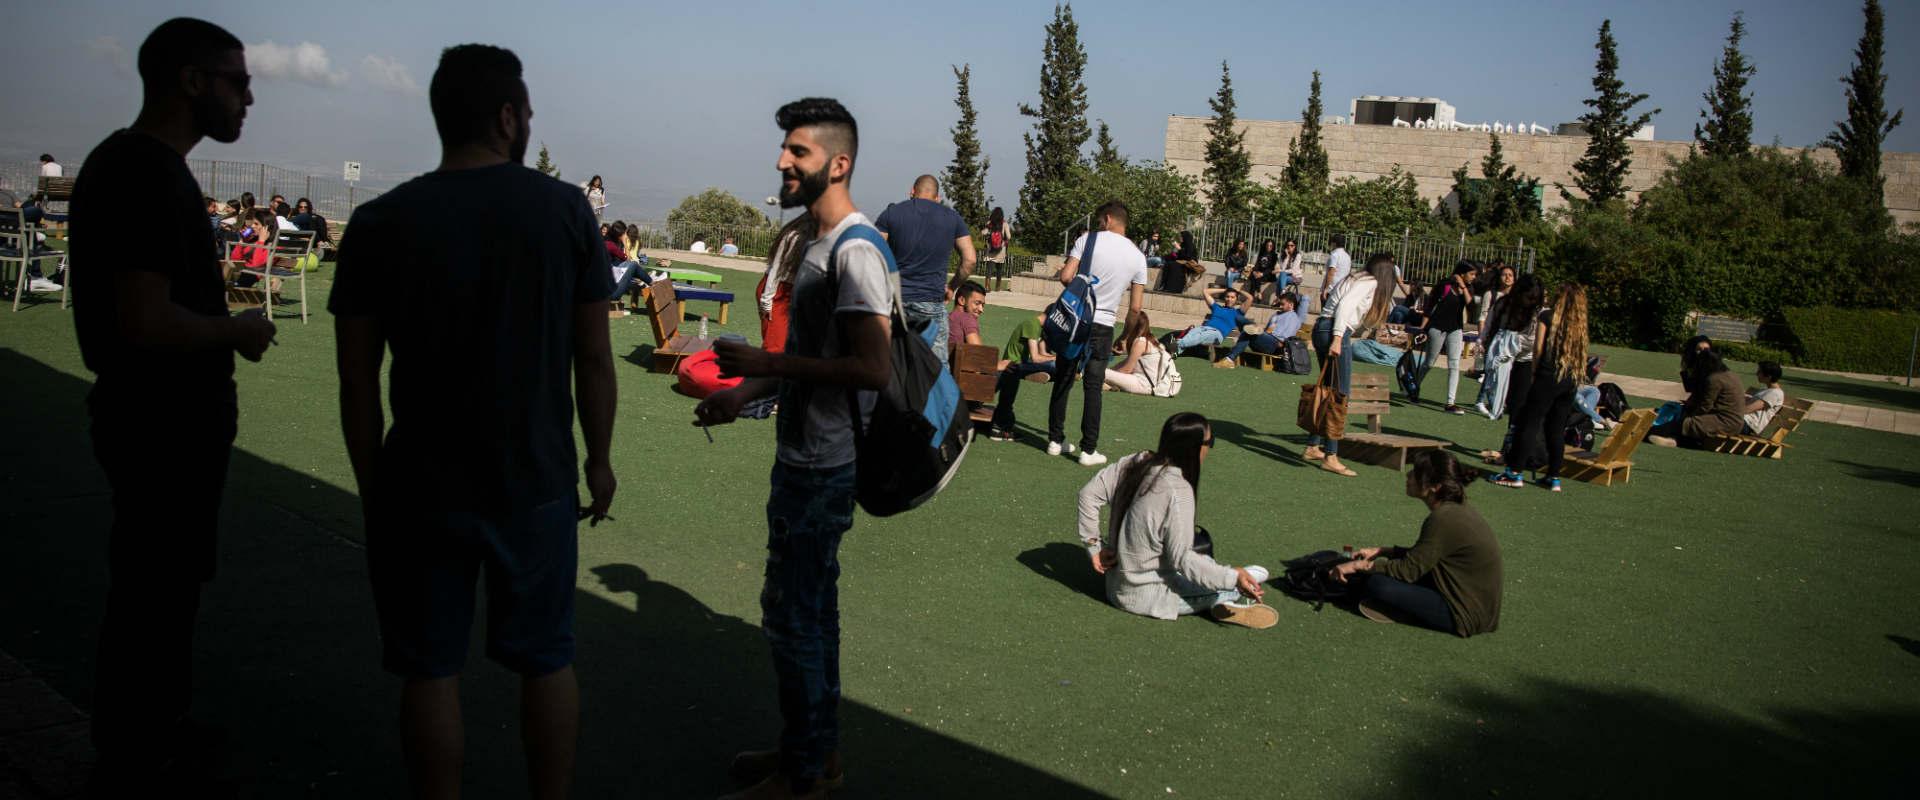 סטודנטים באוניברסיטת חיפה. אילוסטרציה